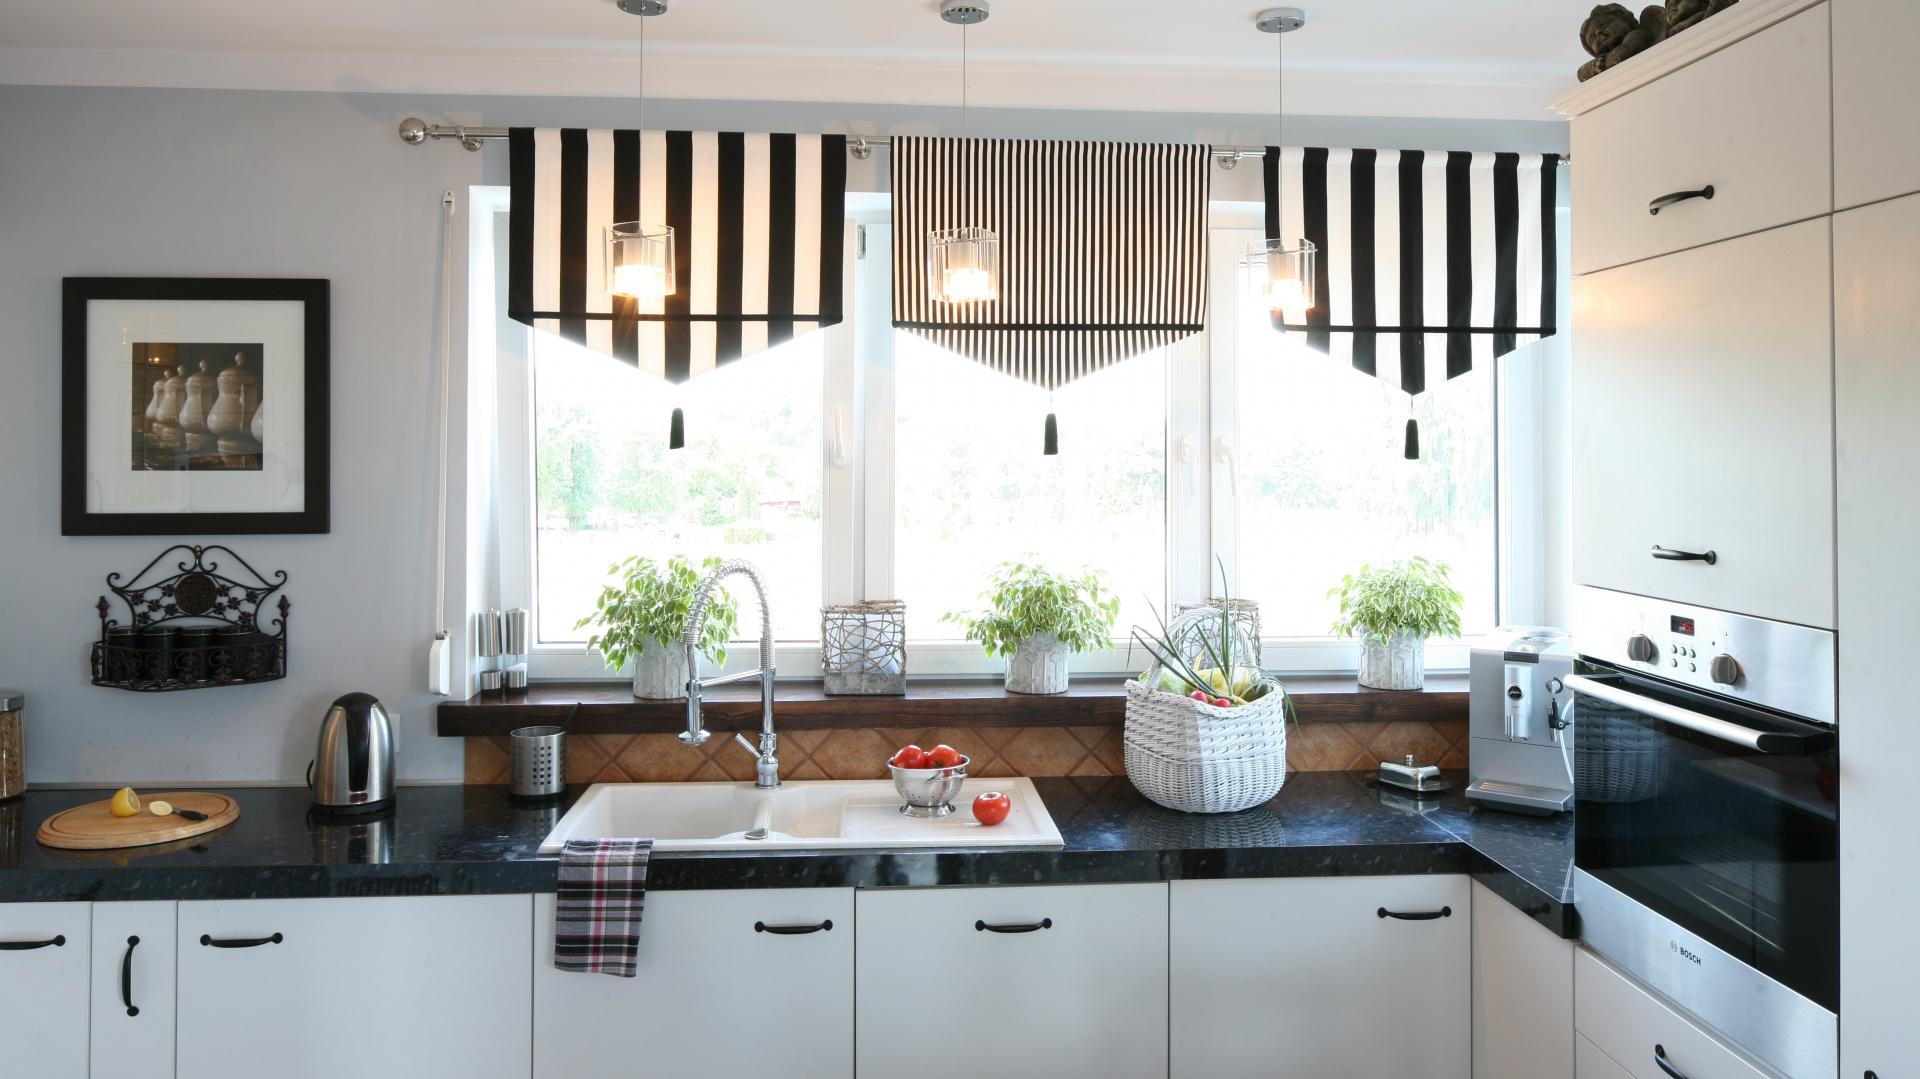 Kuchnia Ciepła I Przytulna Zobaczcie Wnętrza Z Polskich Domów